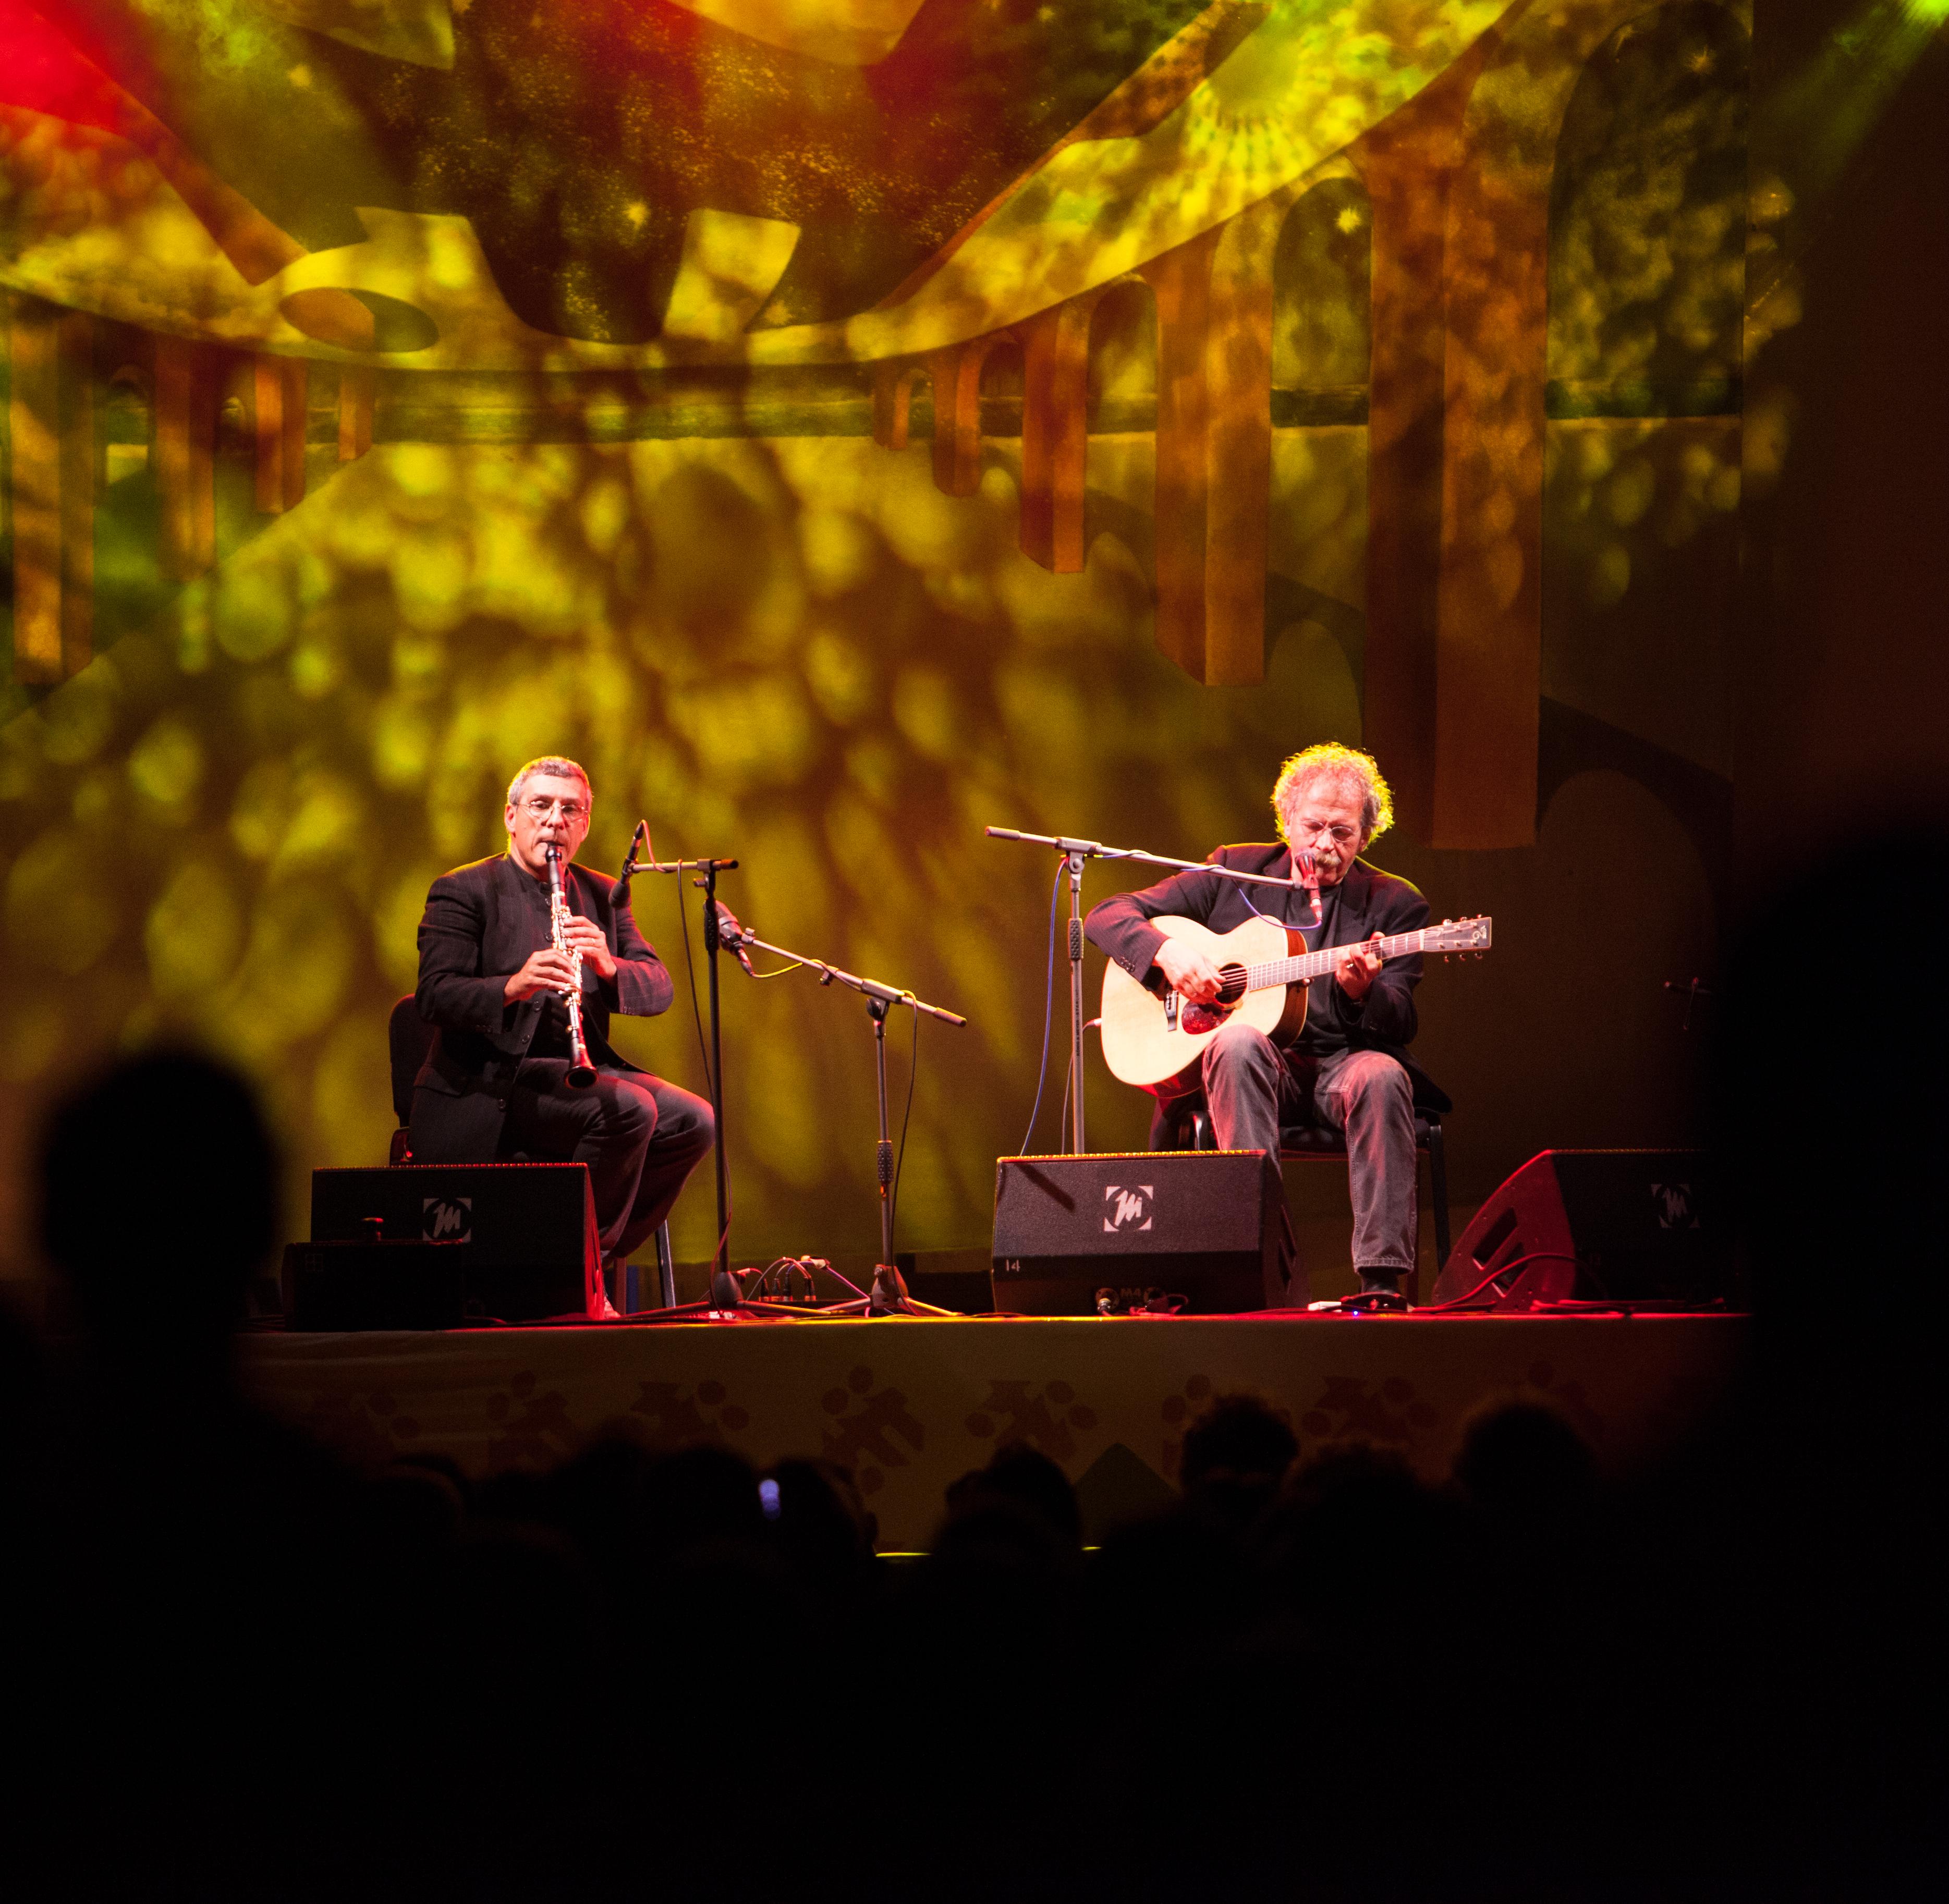 Testa in concerto nel 2013, al TFF di Rudolstadt, assieme al clarinettista Gabriele Mirabassi.